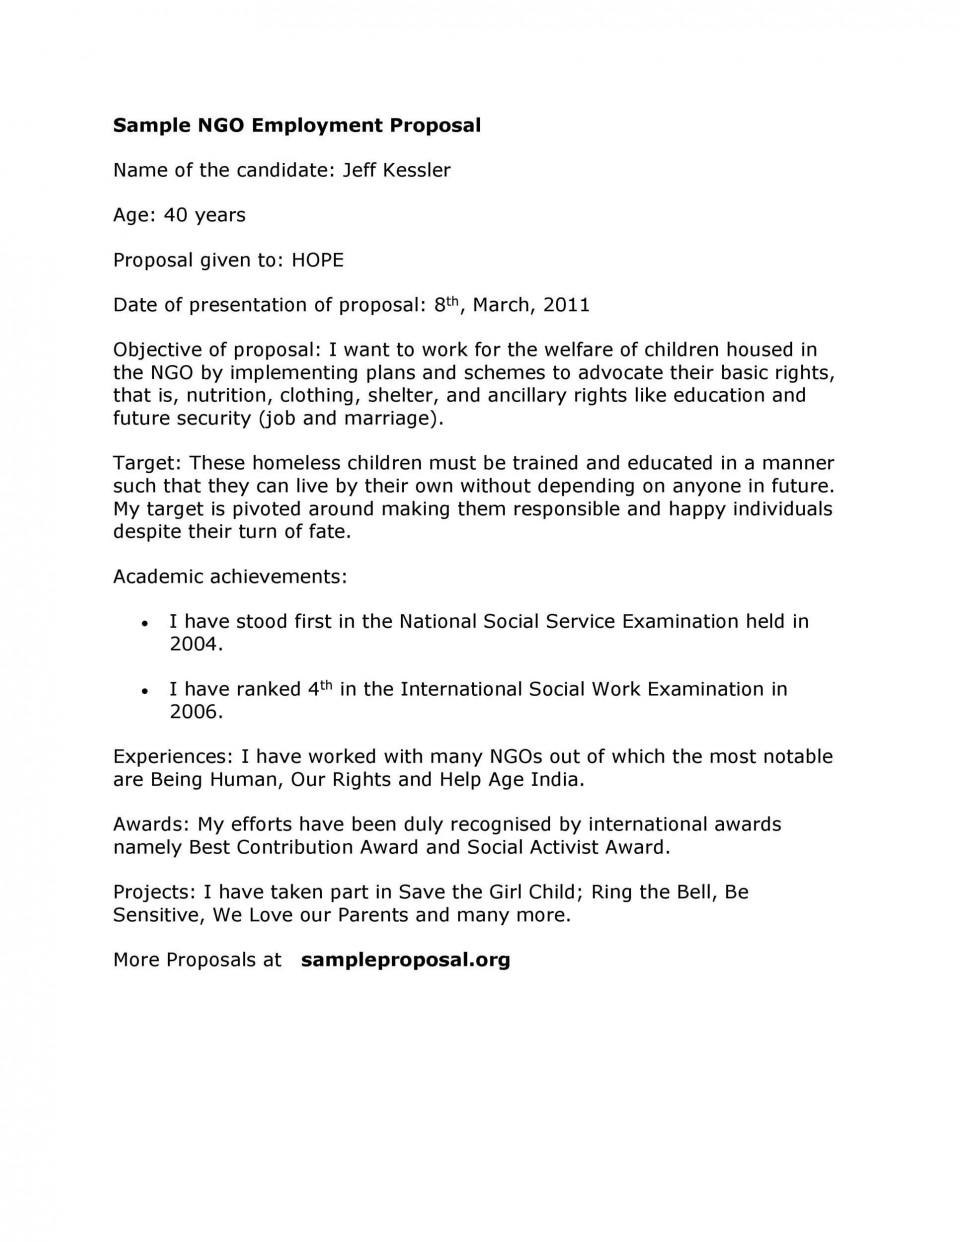 003 Surprising Writing A Job Proposal Template Sample Design 960